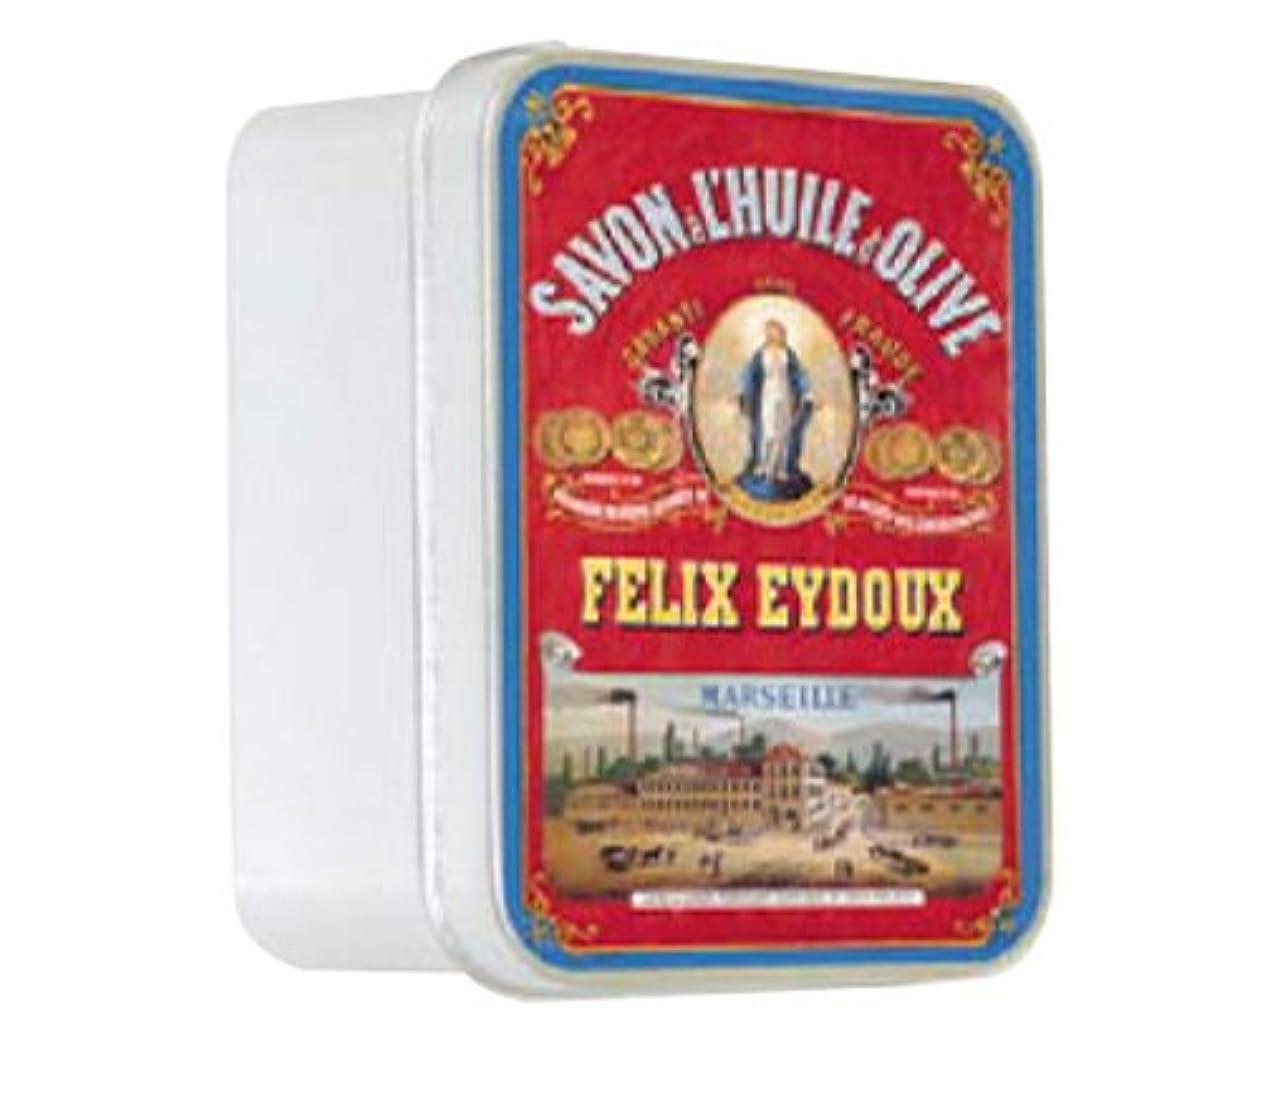 オフセットプレート集まるルブランソープ メタルボックス(マルセイユソープ?オリーブの香り)石鹸